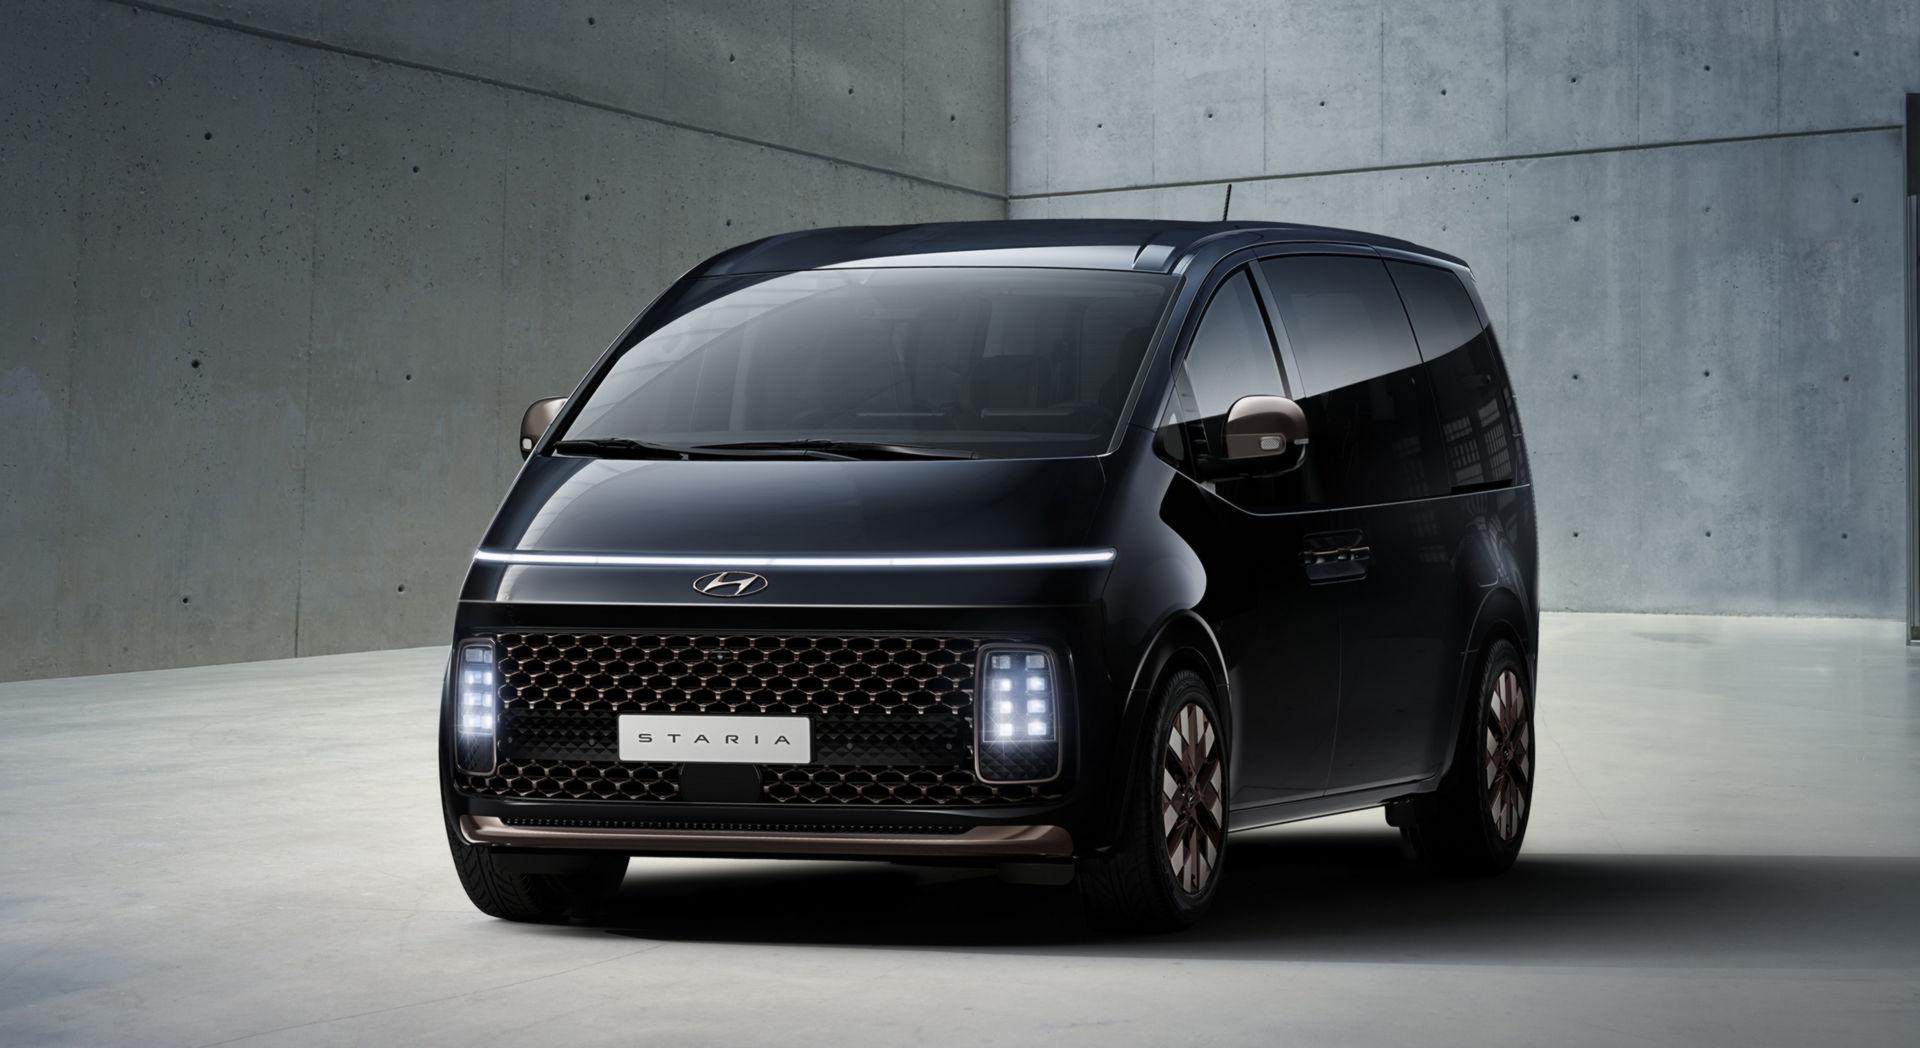 Hyundai Staria có thể tuỳ biến thành xe 2-11 chỗ, sẽ bán ra thị trường vào nửa cuối năm nay - Ảnh 3.